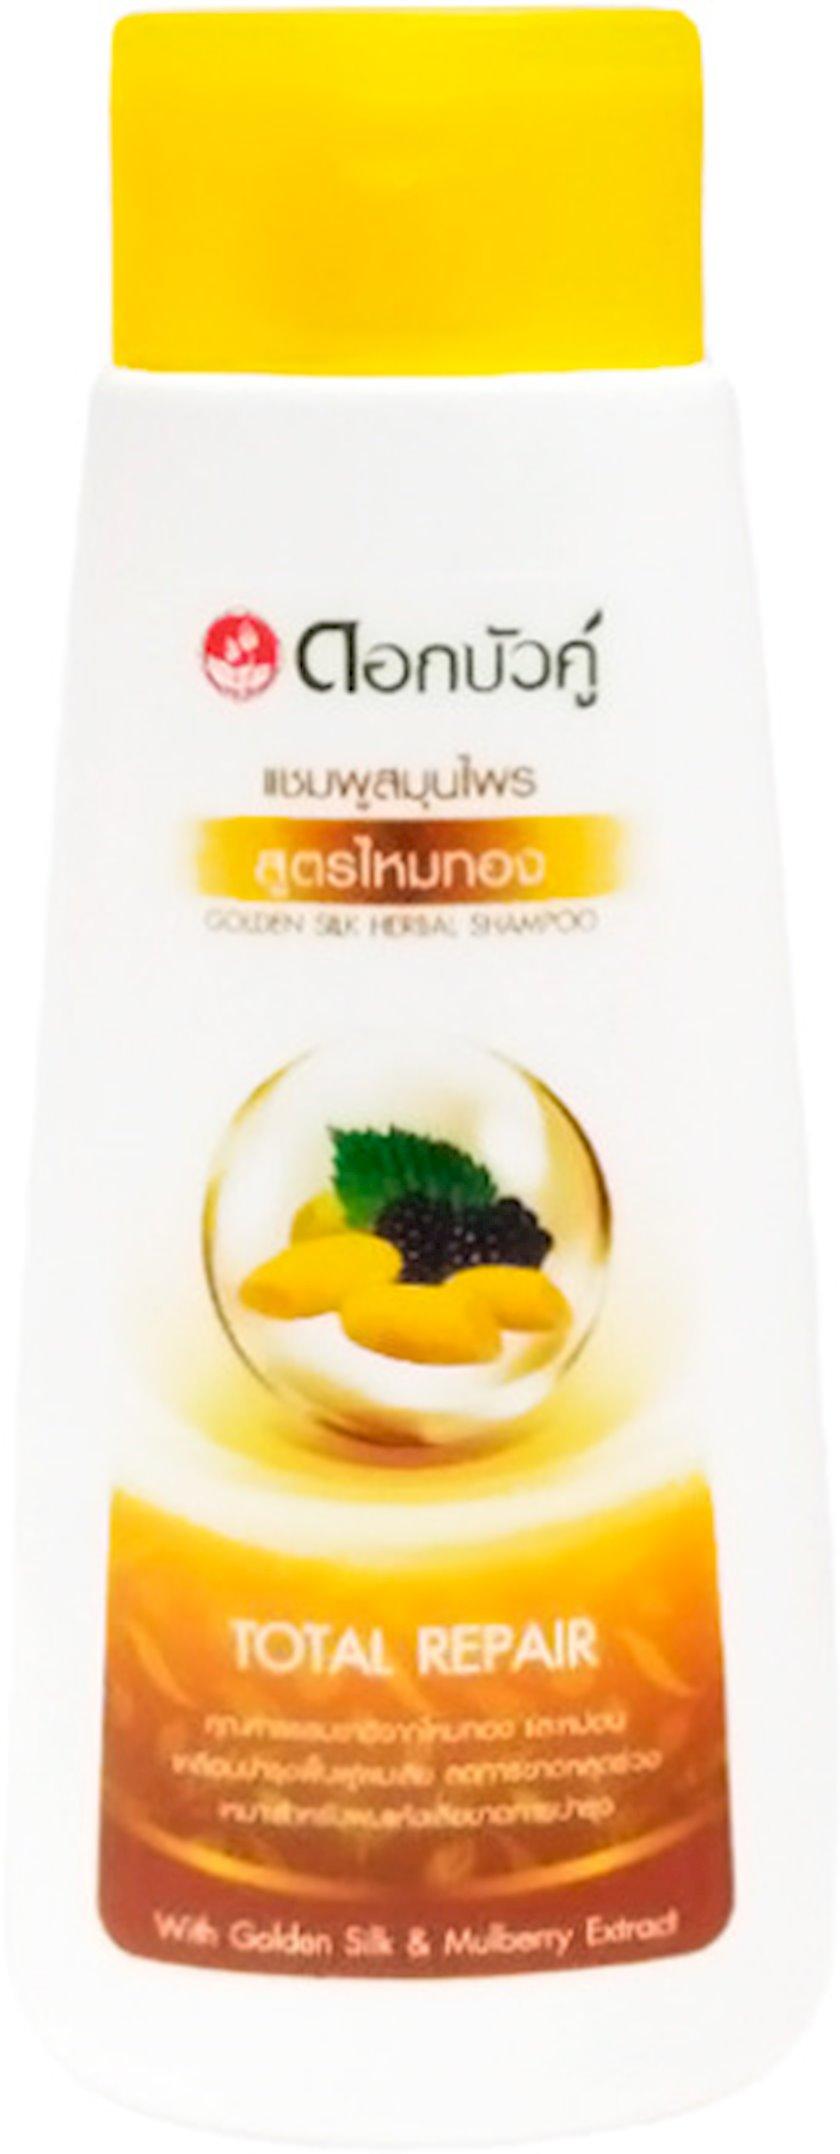 Şampun bitki tərkibli Twin Lotus Qızıl ipək tut ekstraktı ilə, 130 ml